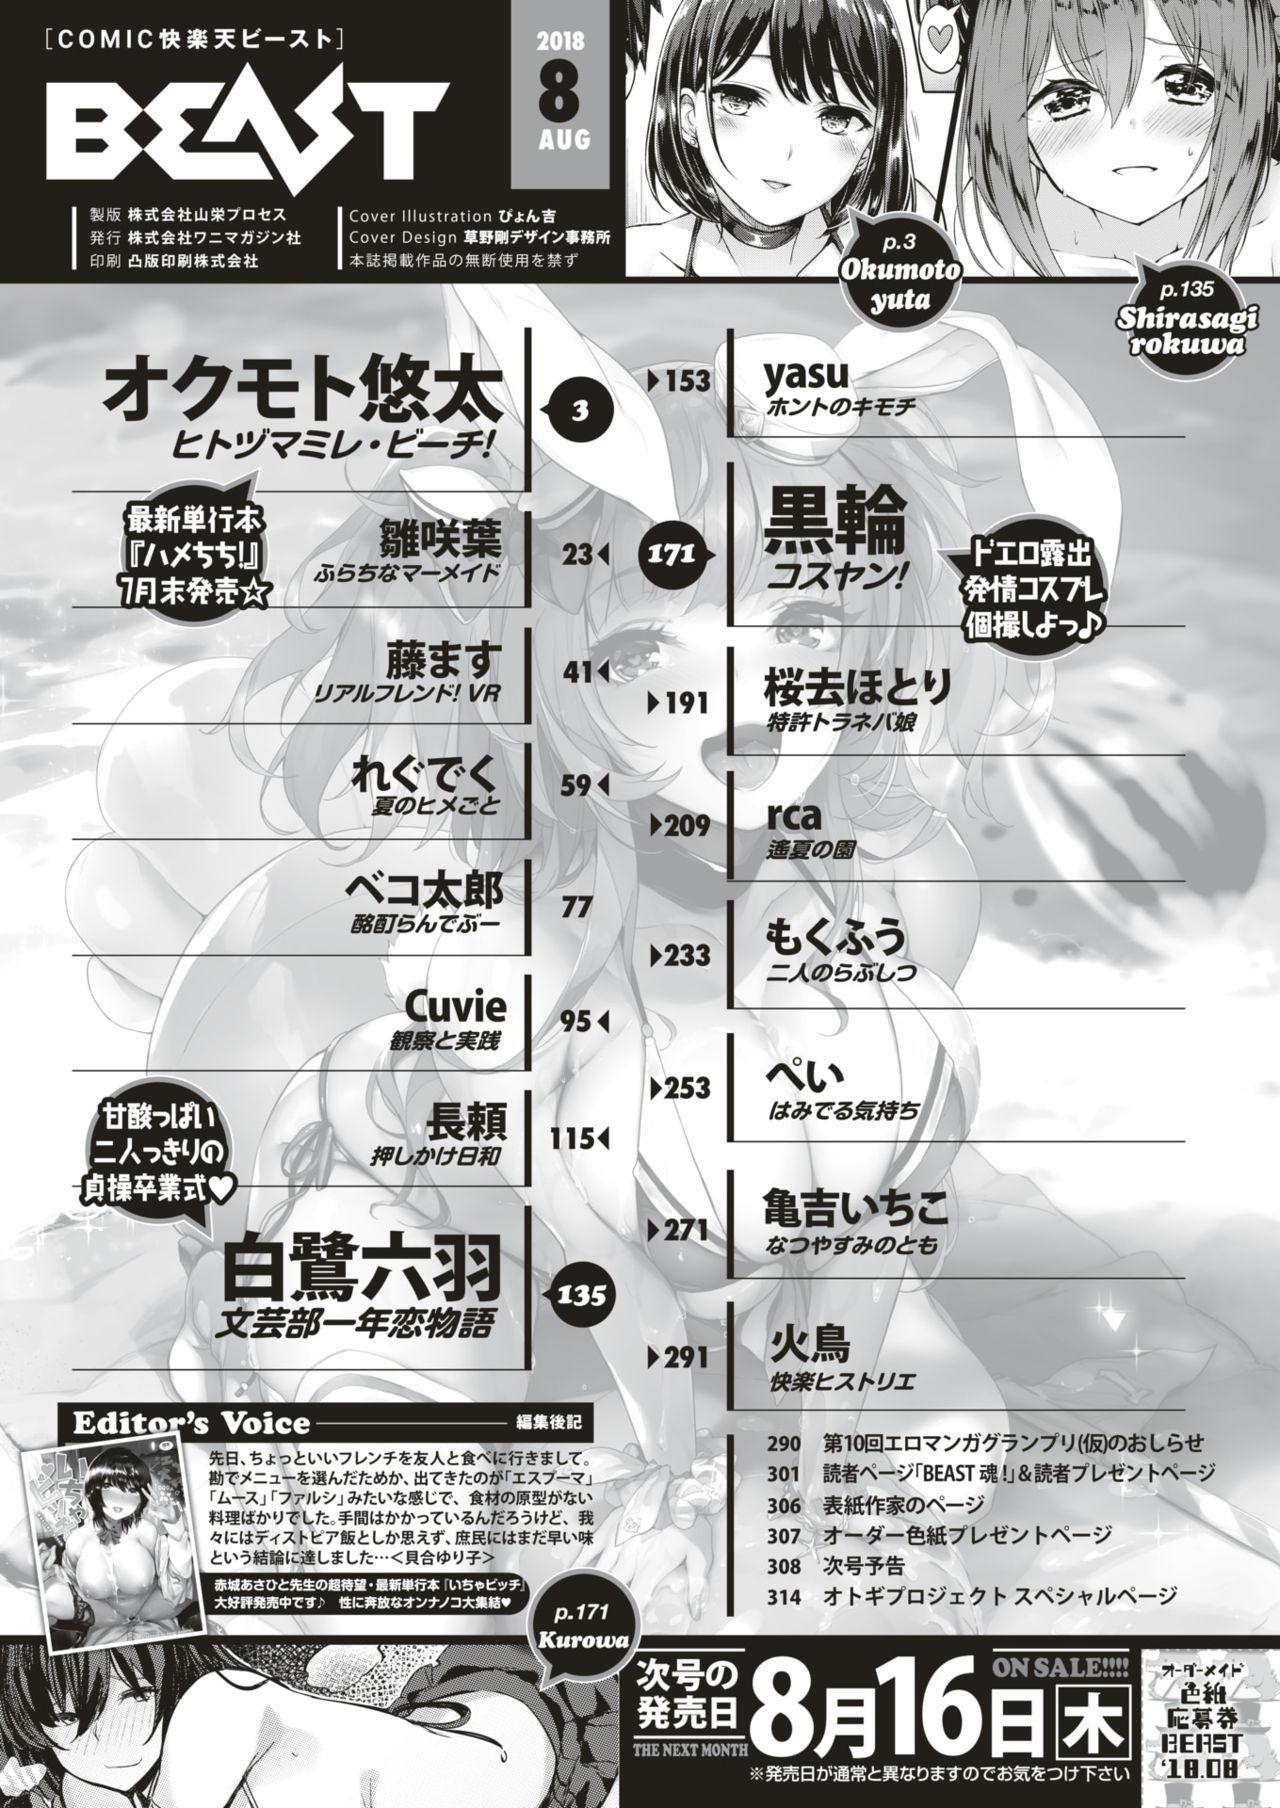 COMIC Kairakuten BEAST 2018-08 2